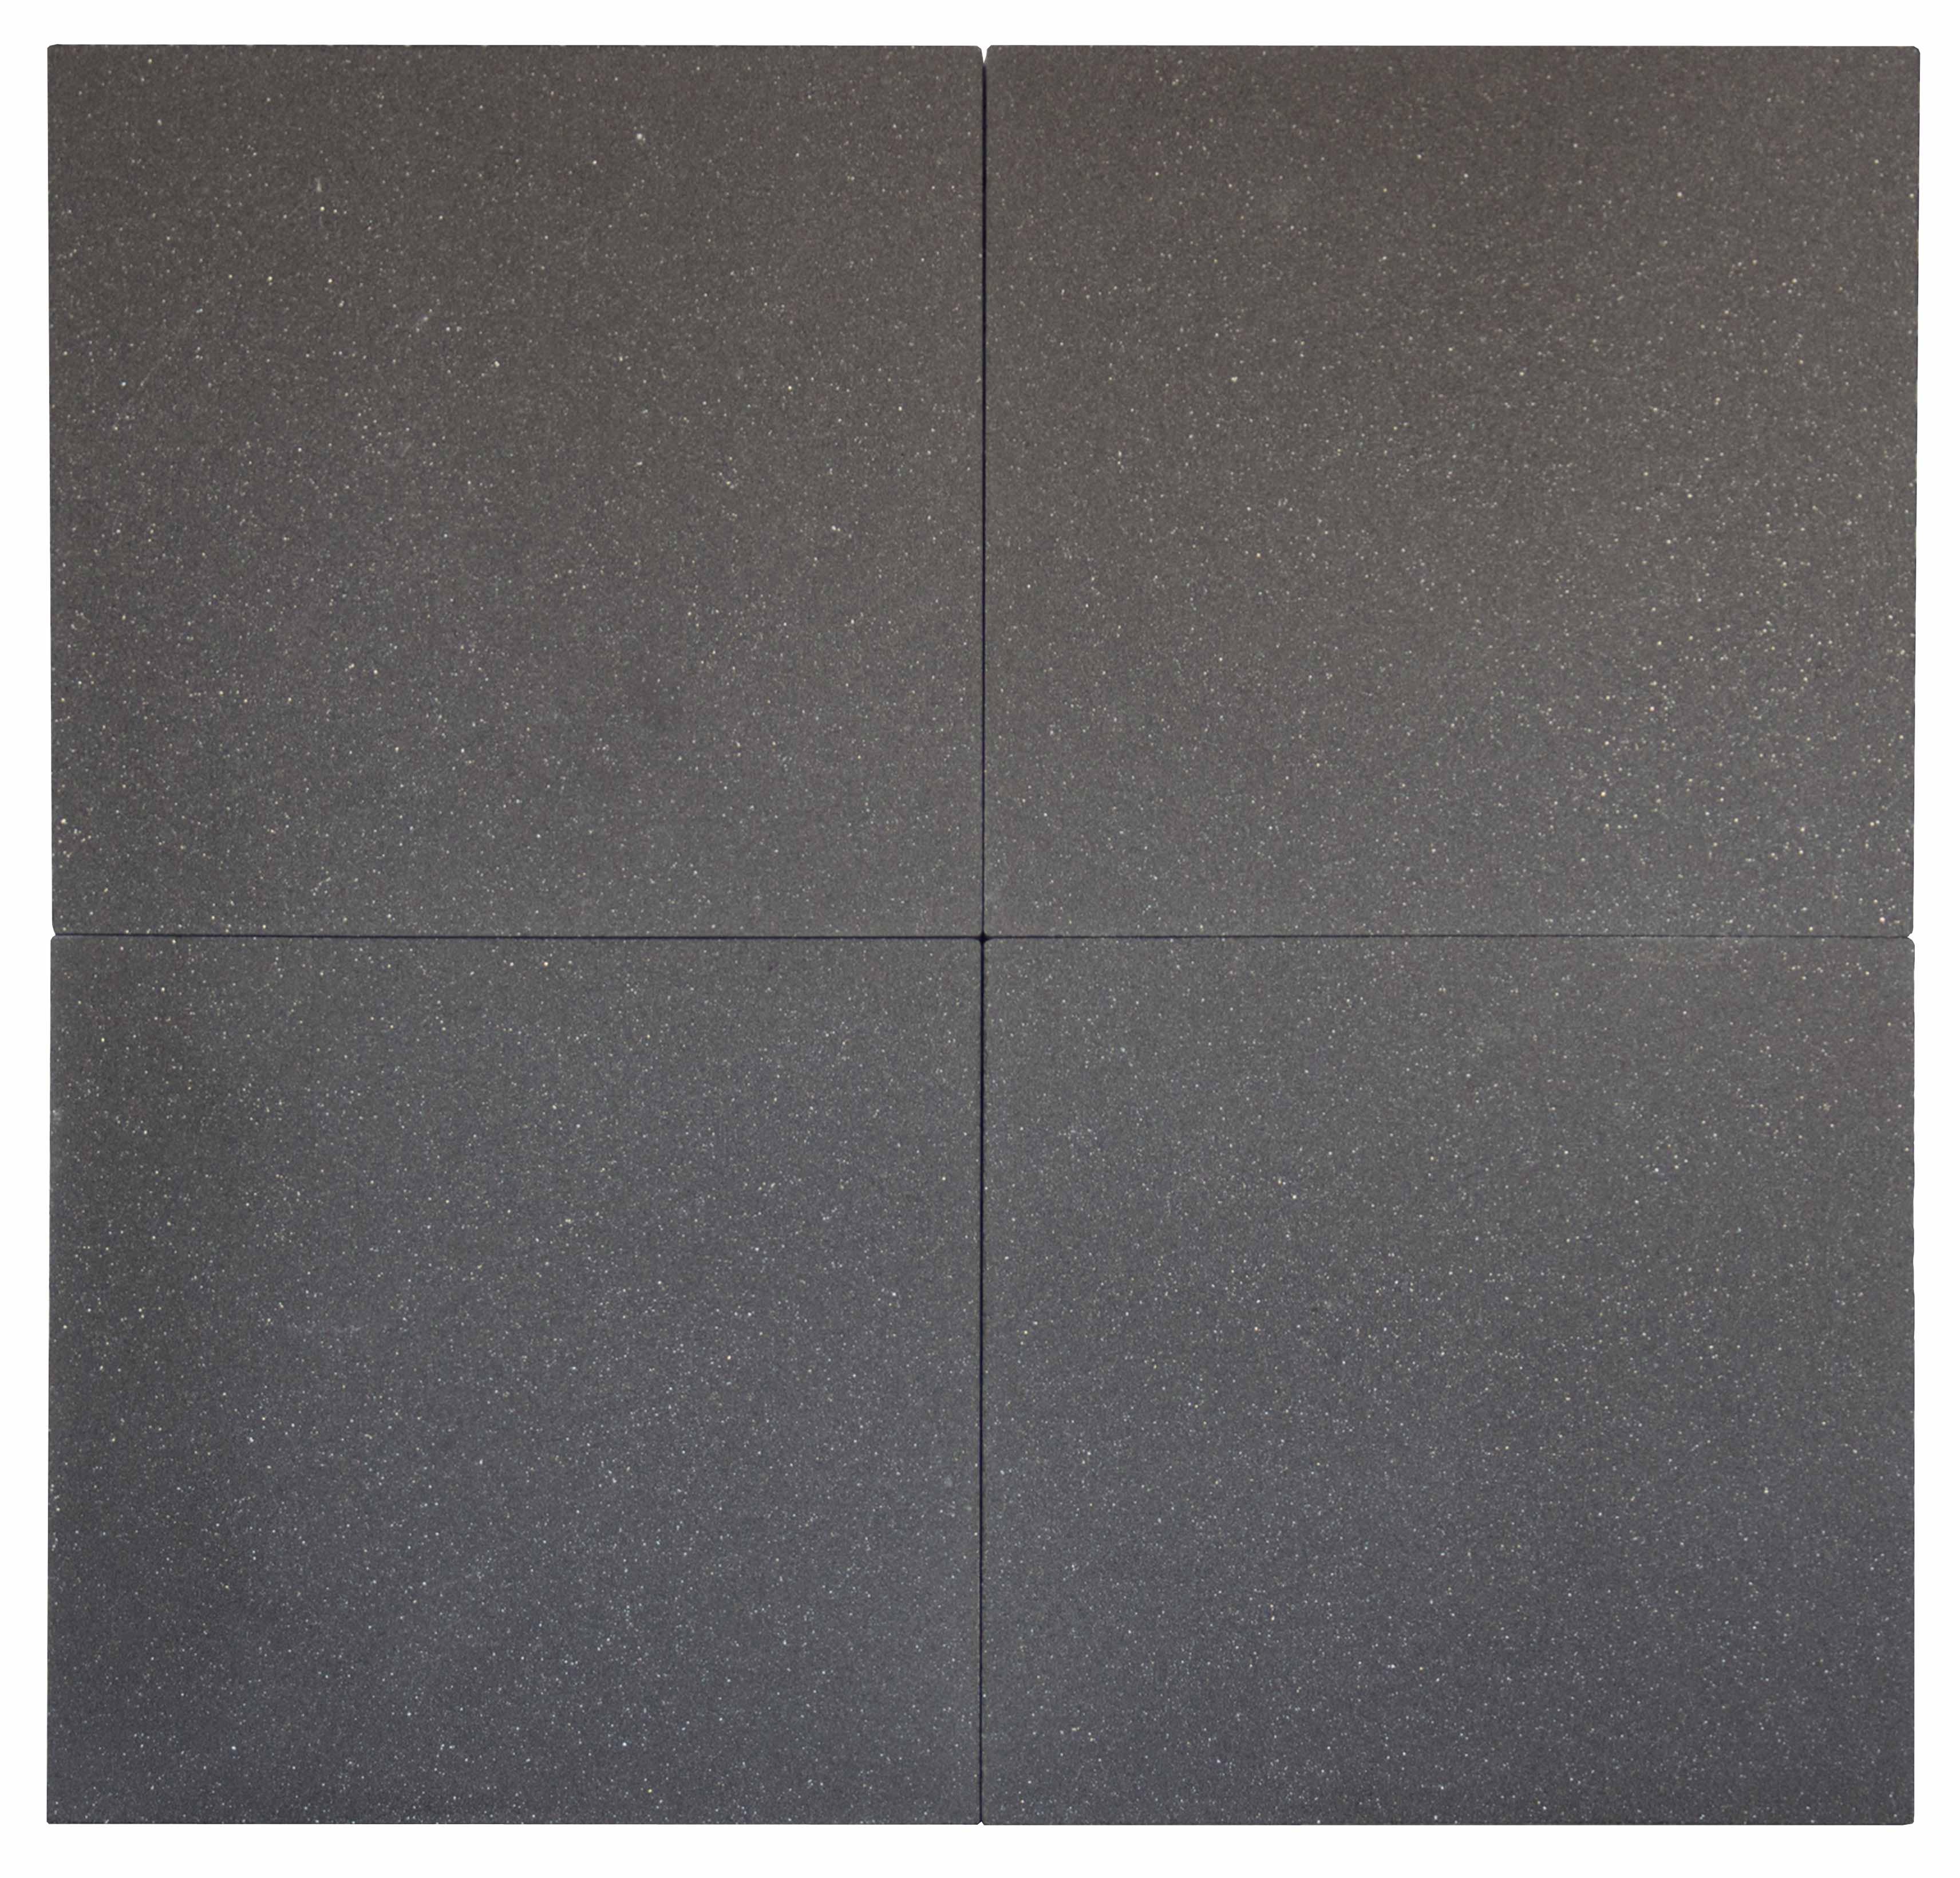 MBI | Granitops 60x60x3.7 | Graphitio